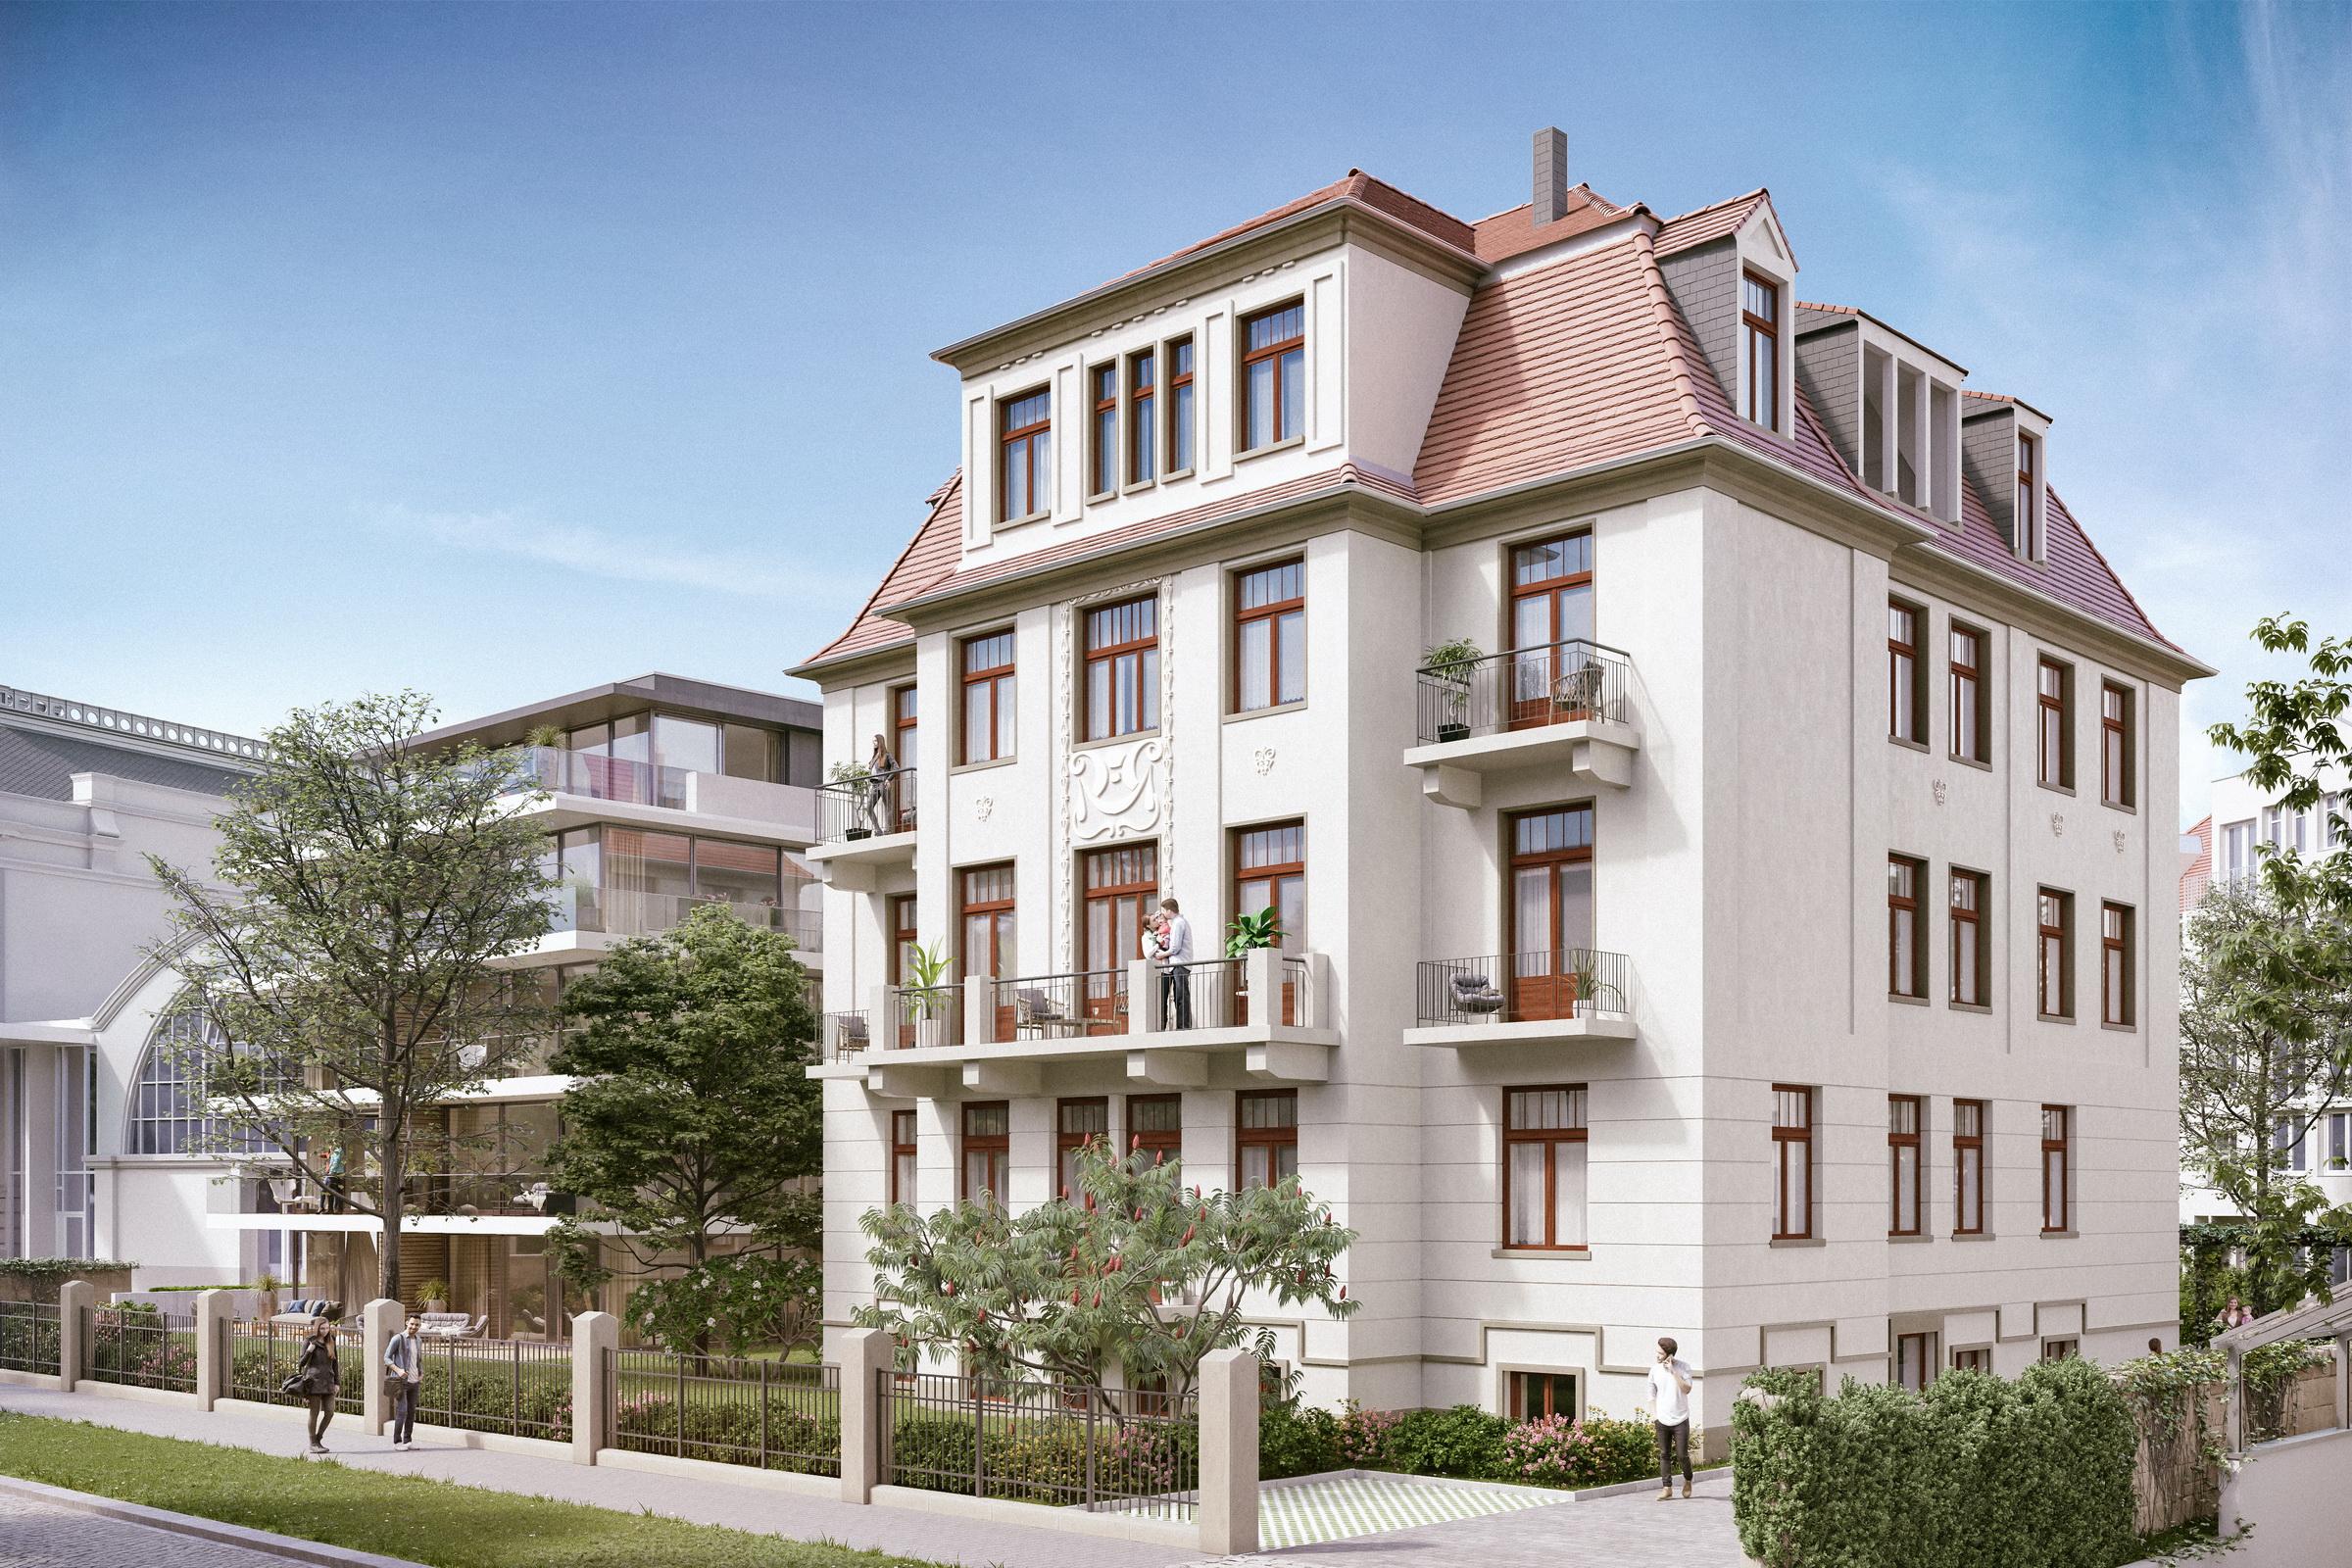 Pohl_Pohl_Architekten_Georgenstrasse_4_Altbau_Strasse_170830_r